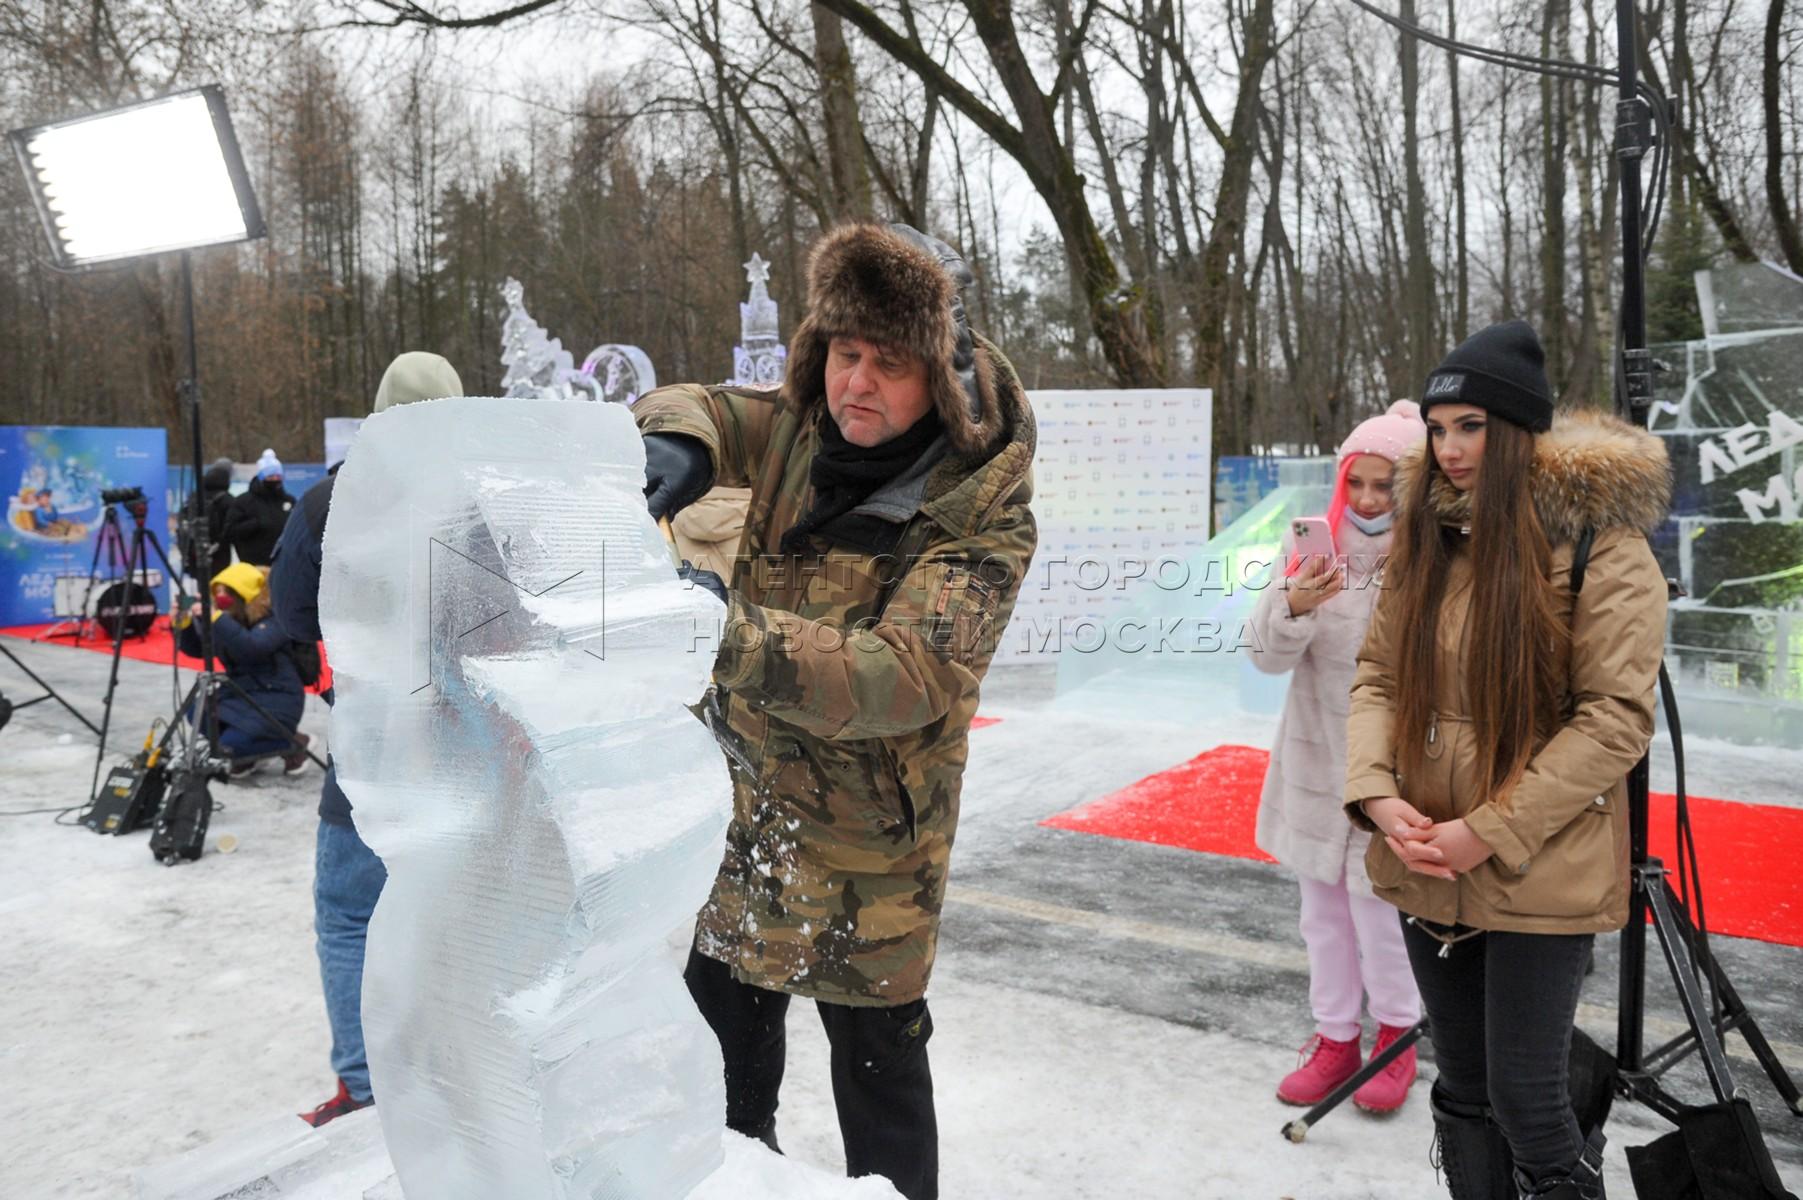 Актер Александр Самойленко во время мастер-класса со звездами на VI Новогоднем фестивале «Ледовая Москва. В кругу семьи».